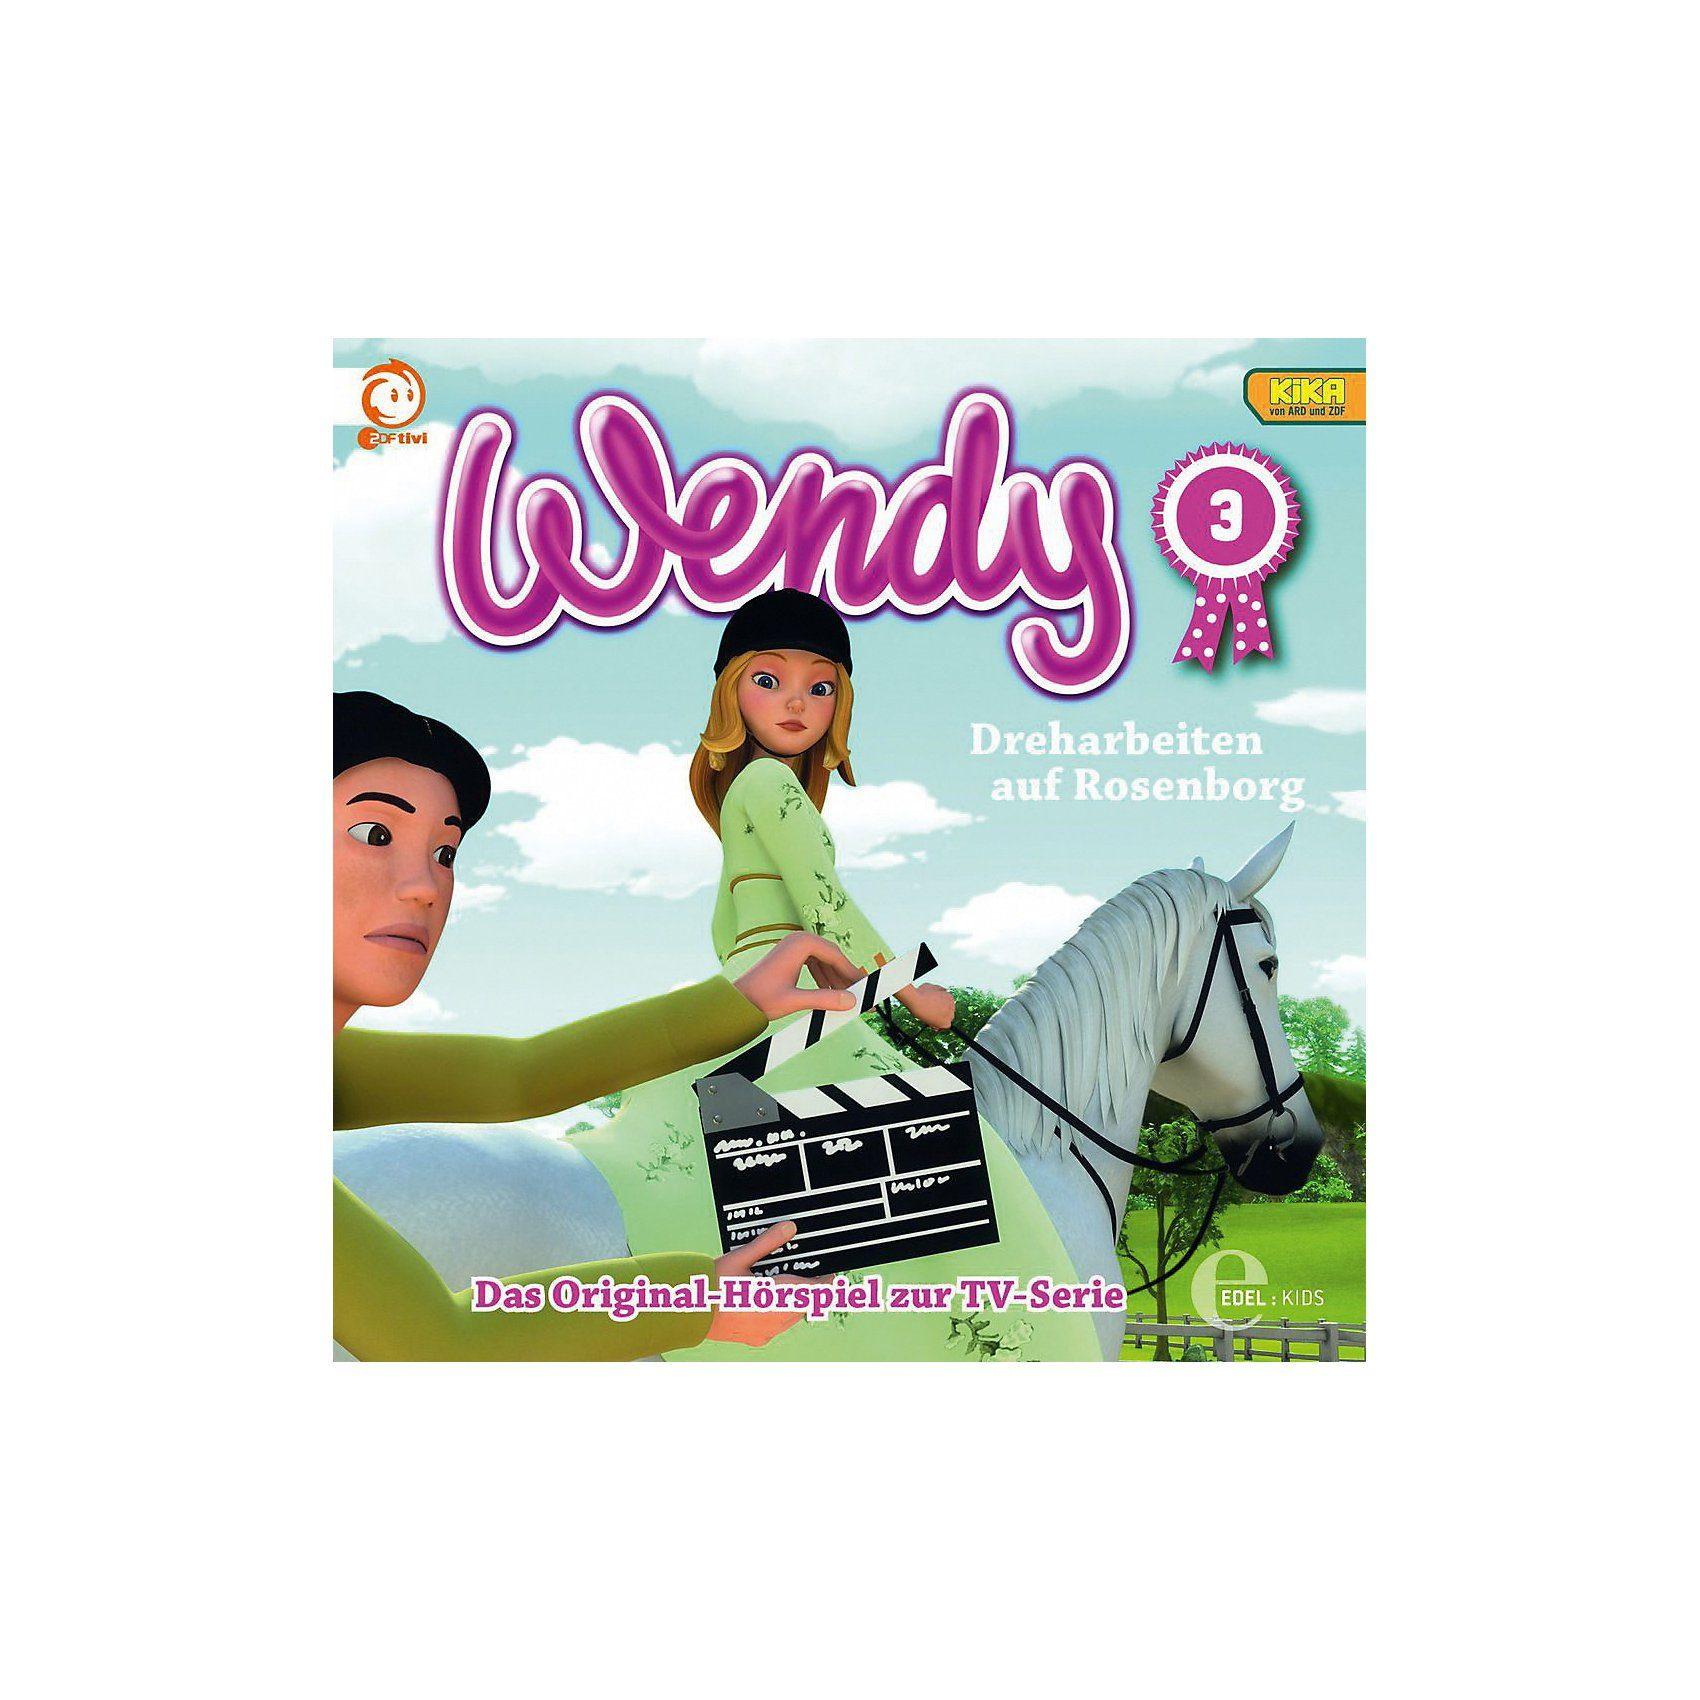 Edel CD Wendy 03 - Dreharbeiten auf Rosenborg